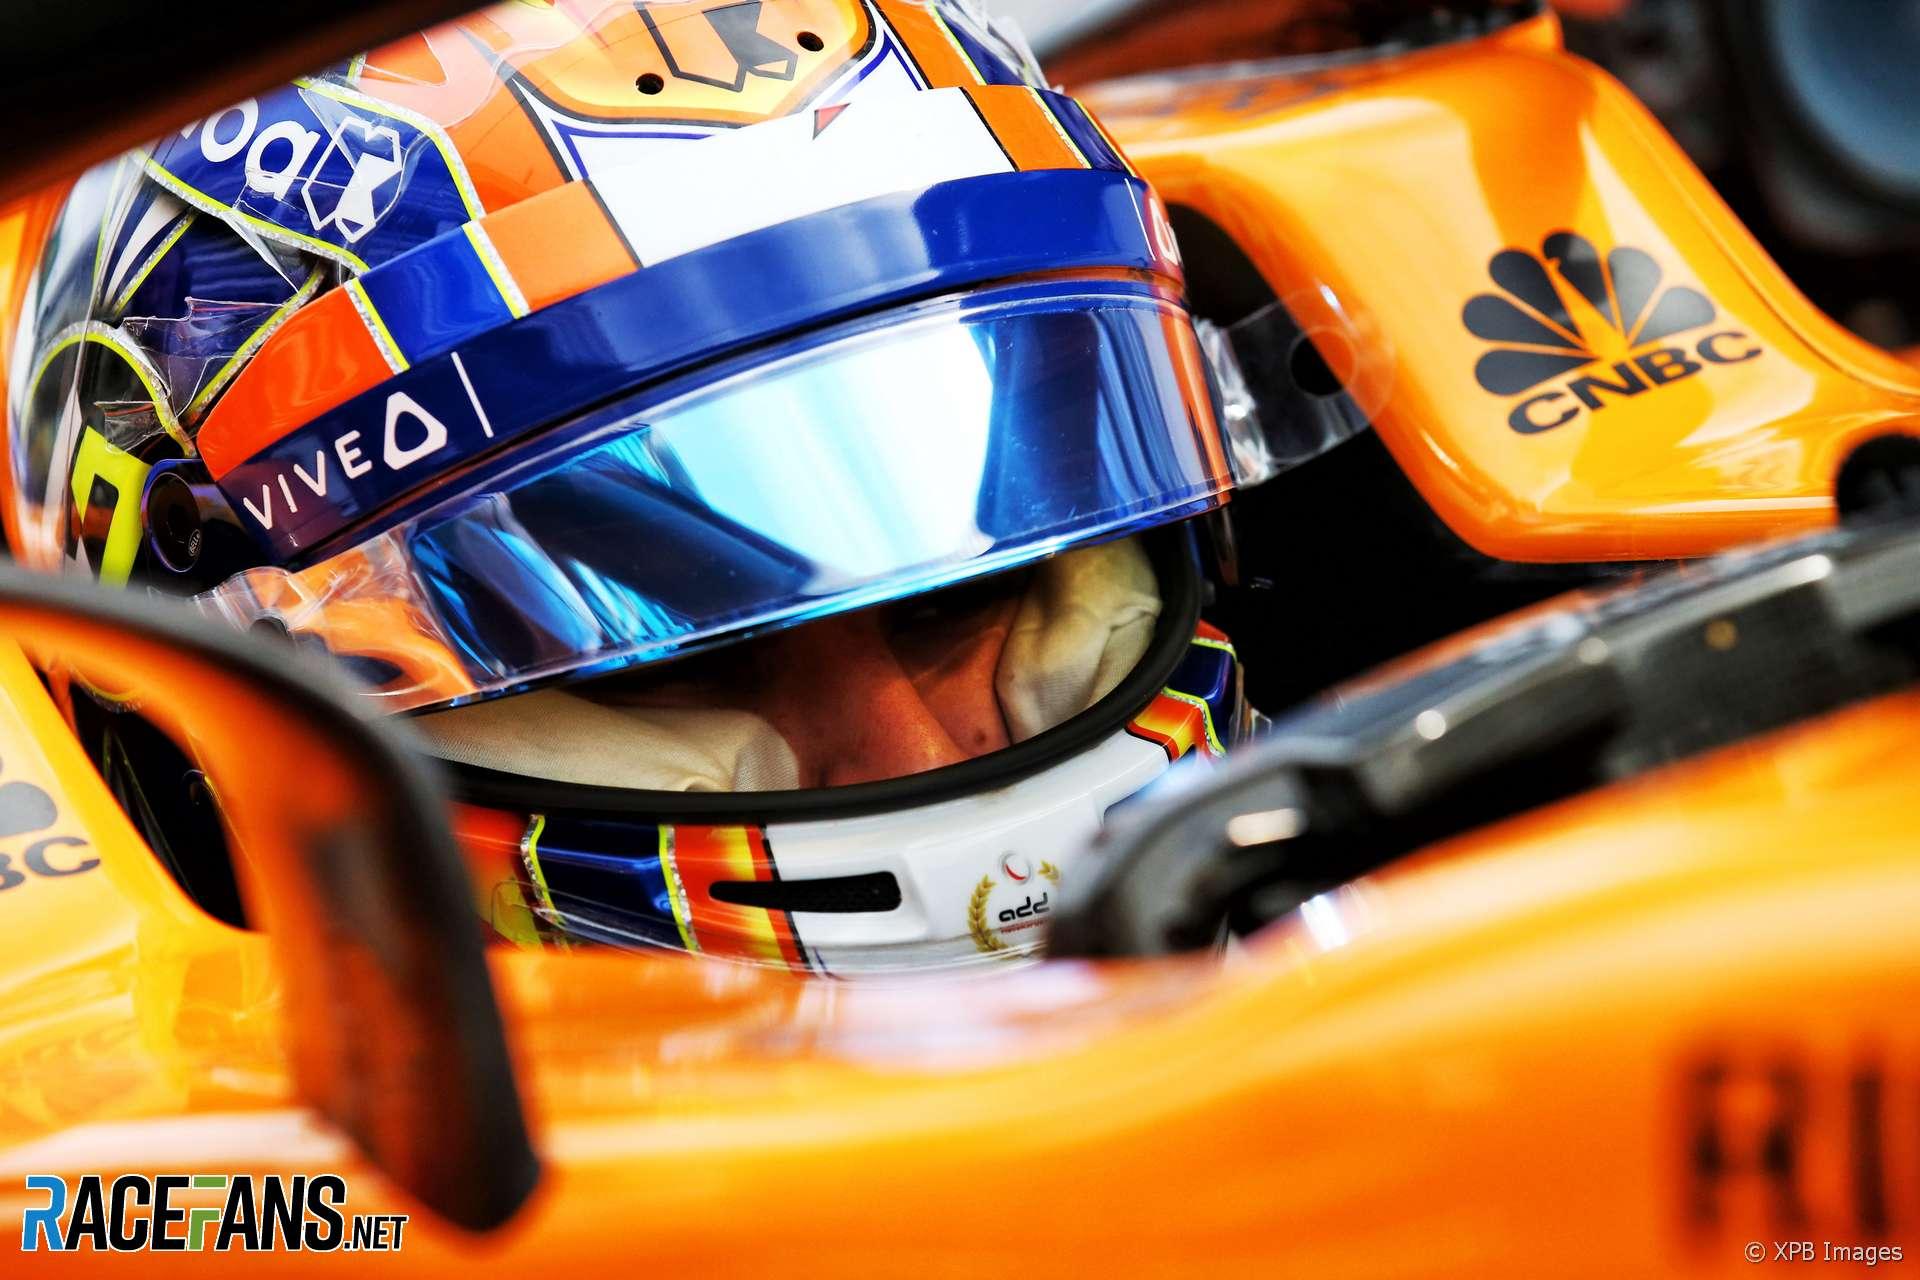 racefansdotnet-20180928-105520-8.jpg